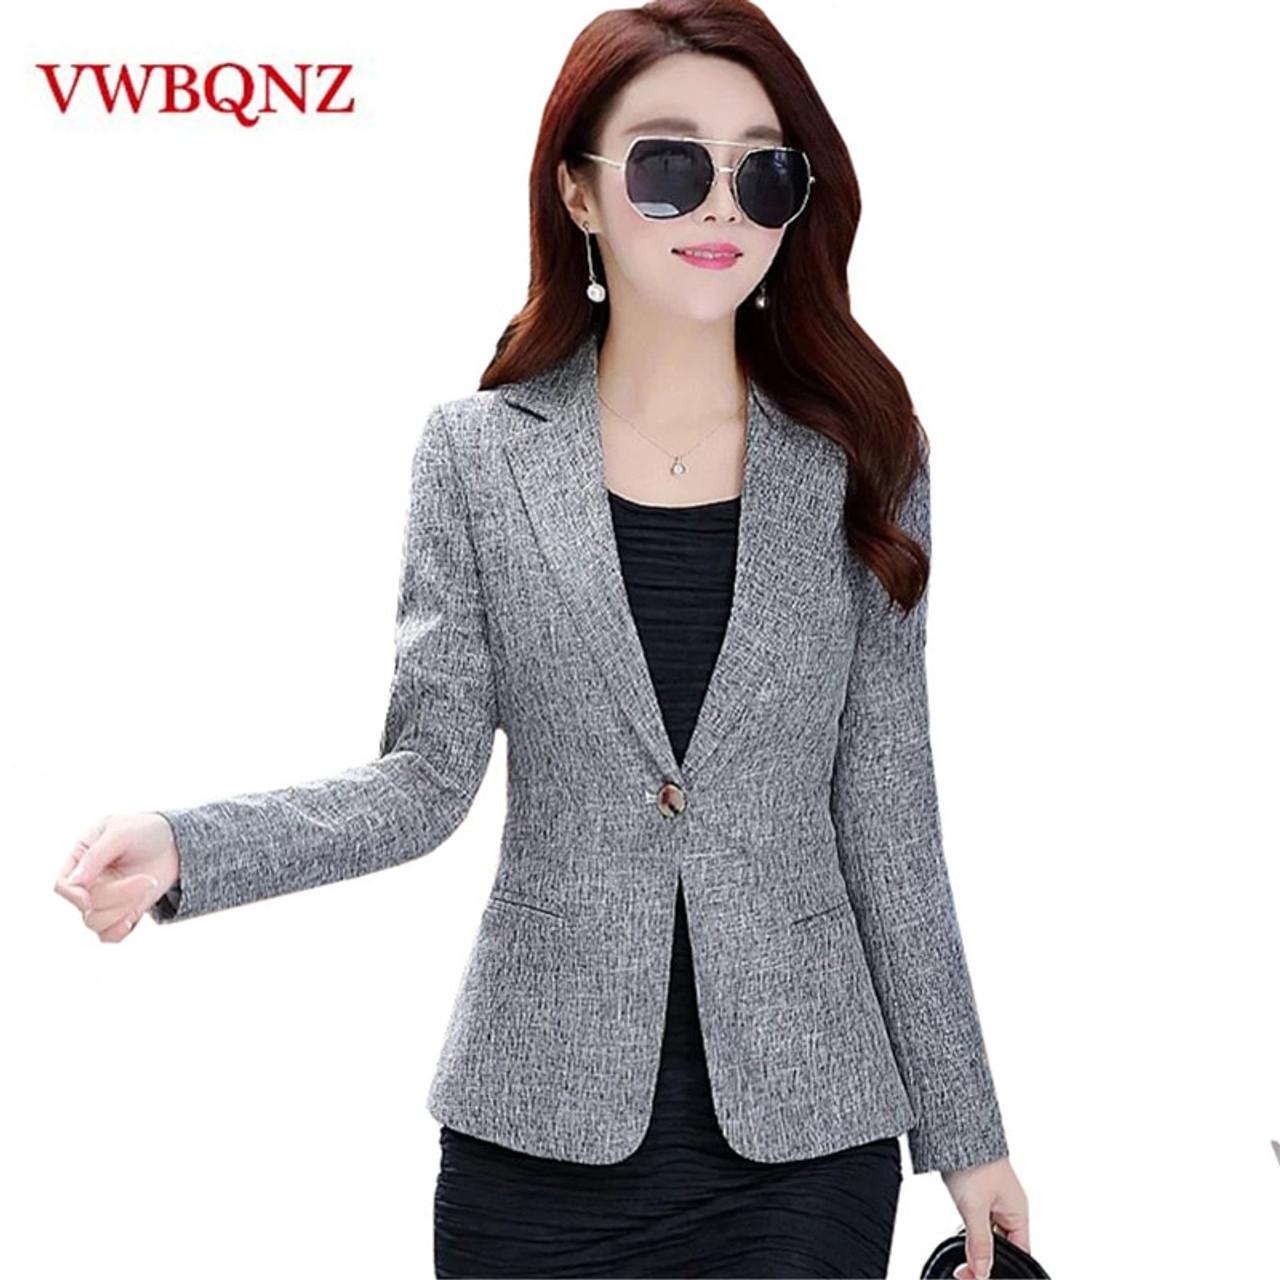 e54c417e8 2018 New Spring Autumn Plus Size 4XL Womens Business Suits One Button  Office Female Blazers Jackets Short Slim Blazer Women Suit